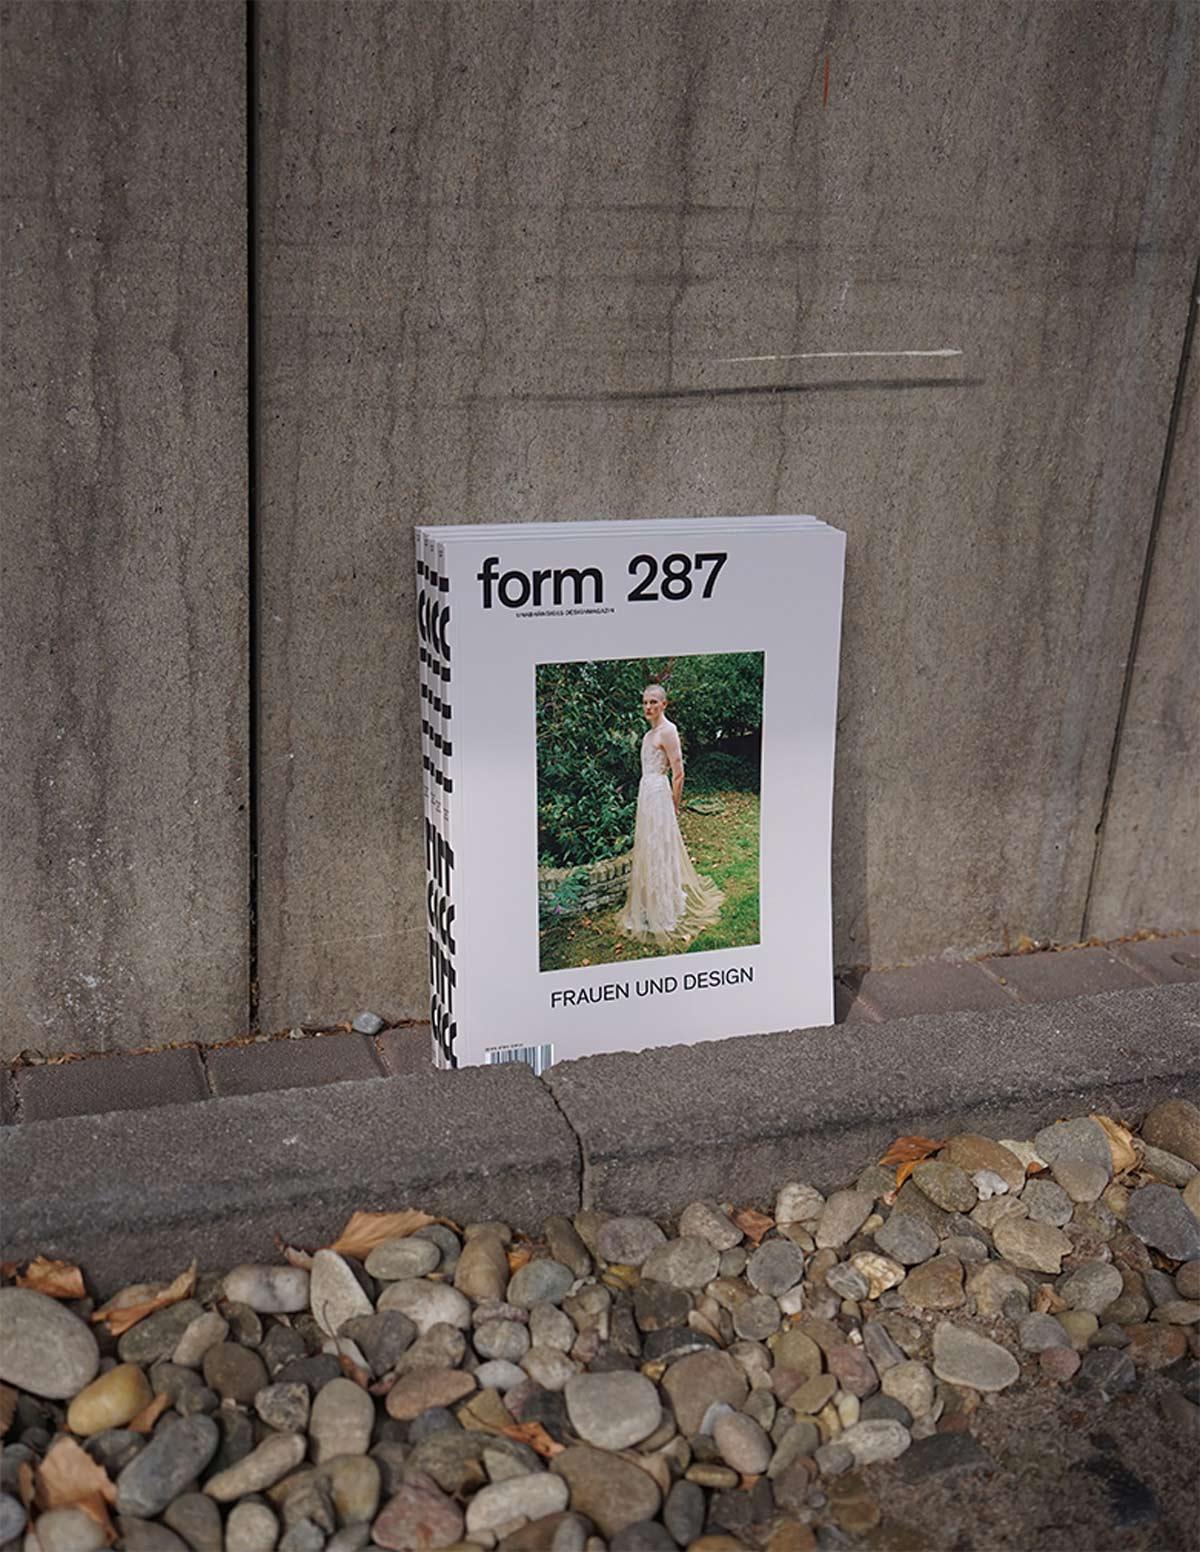 form 287—Frauen und Design